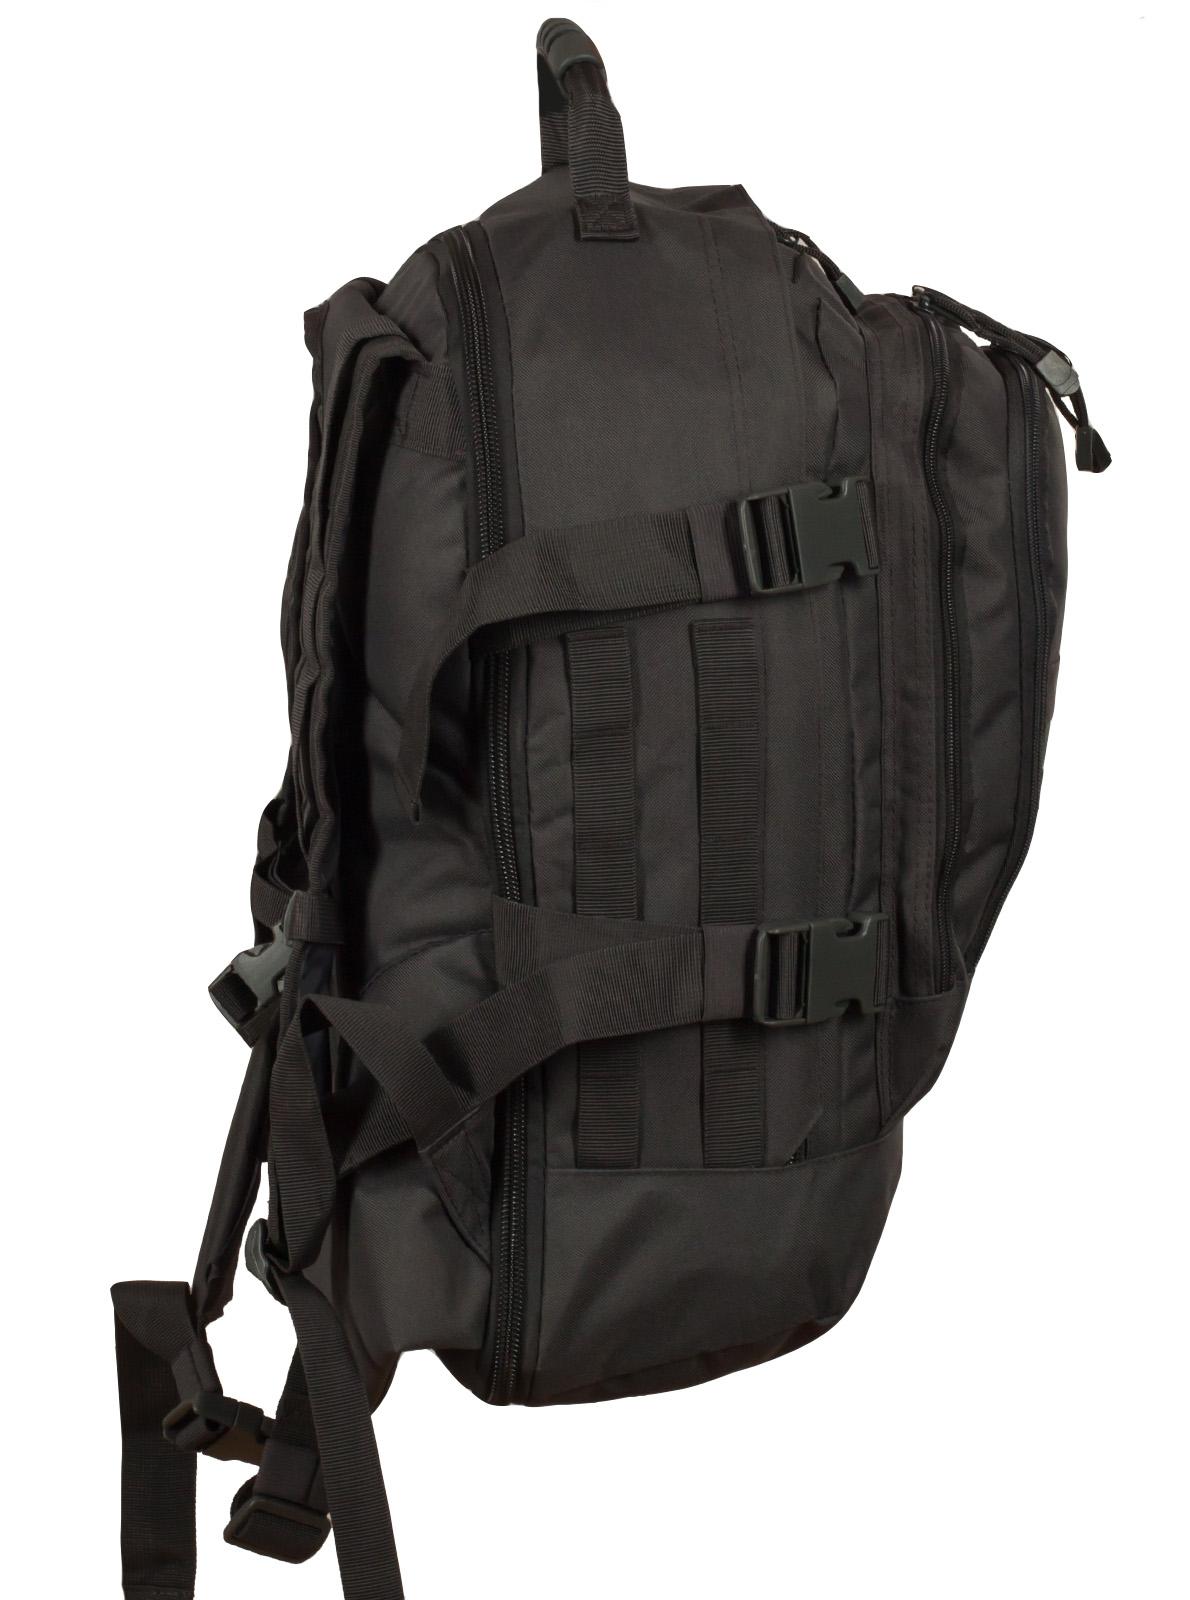 Универсальный рюкзак для города и полевых выходов 3-Day Expandable Backpack 08002A Dark Grey с эмблемой СССР оптом в Военпро